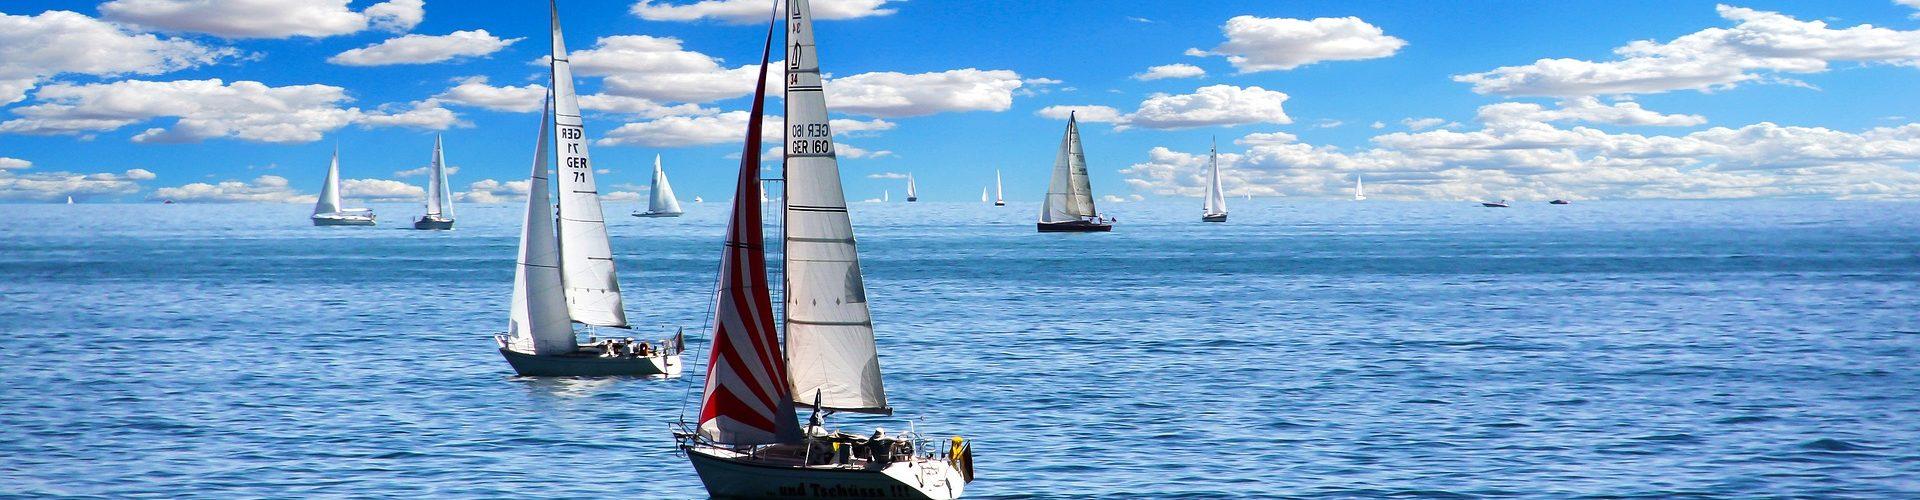 segeln lernen in Nordstrand segelschein machen in Nordstrand 1920x500 - Segeln lernen in Nordstrand